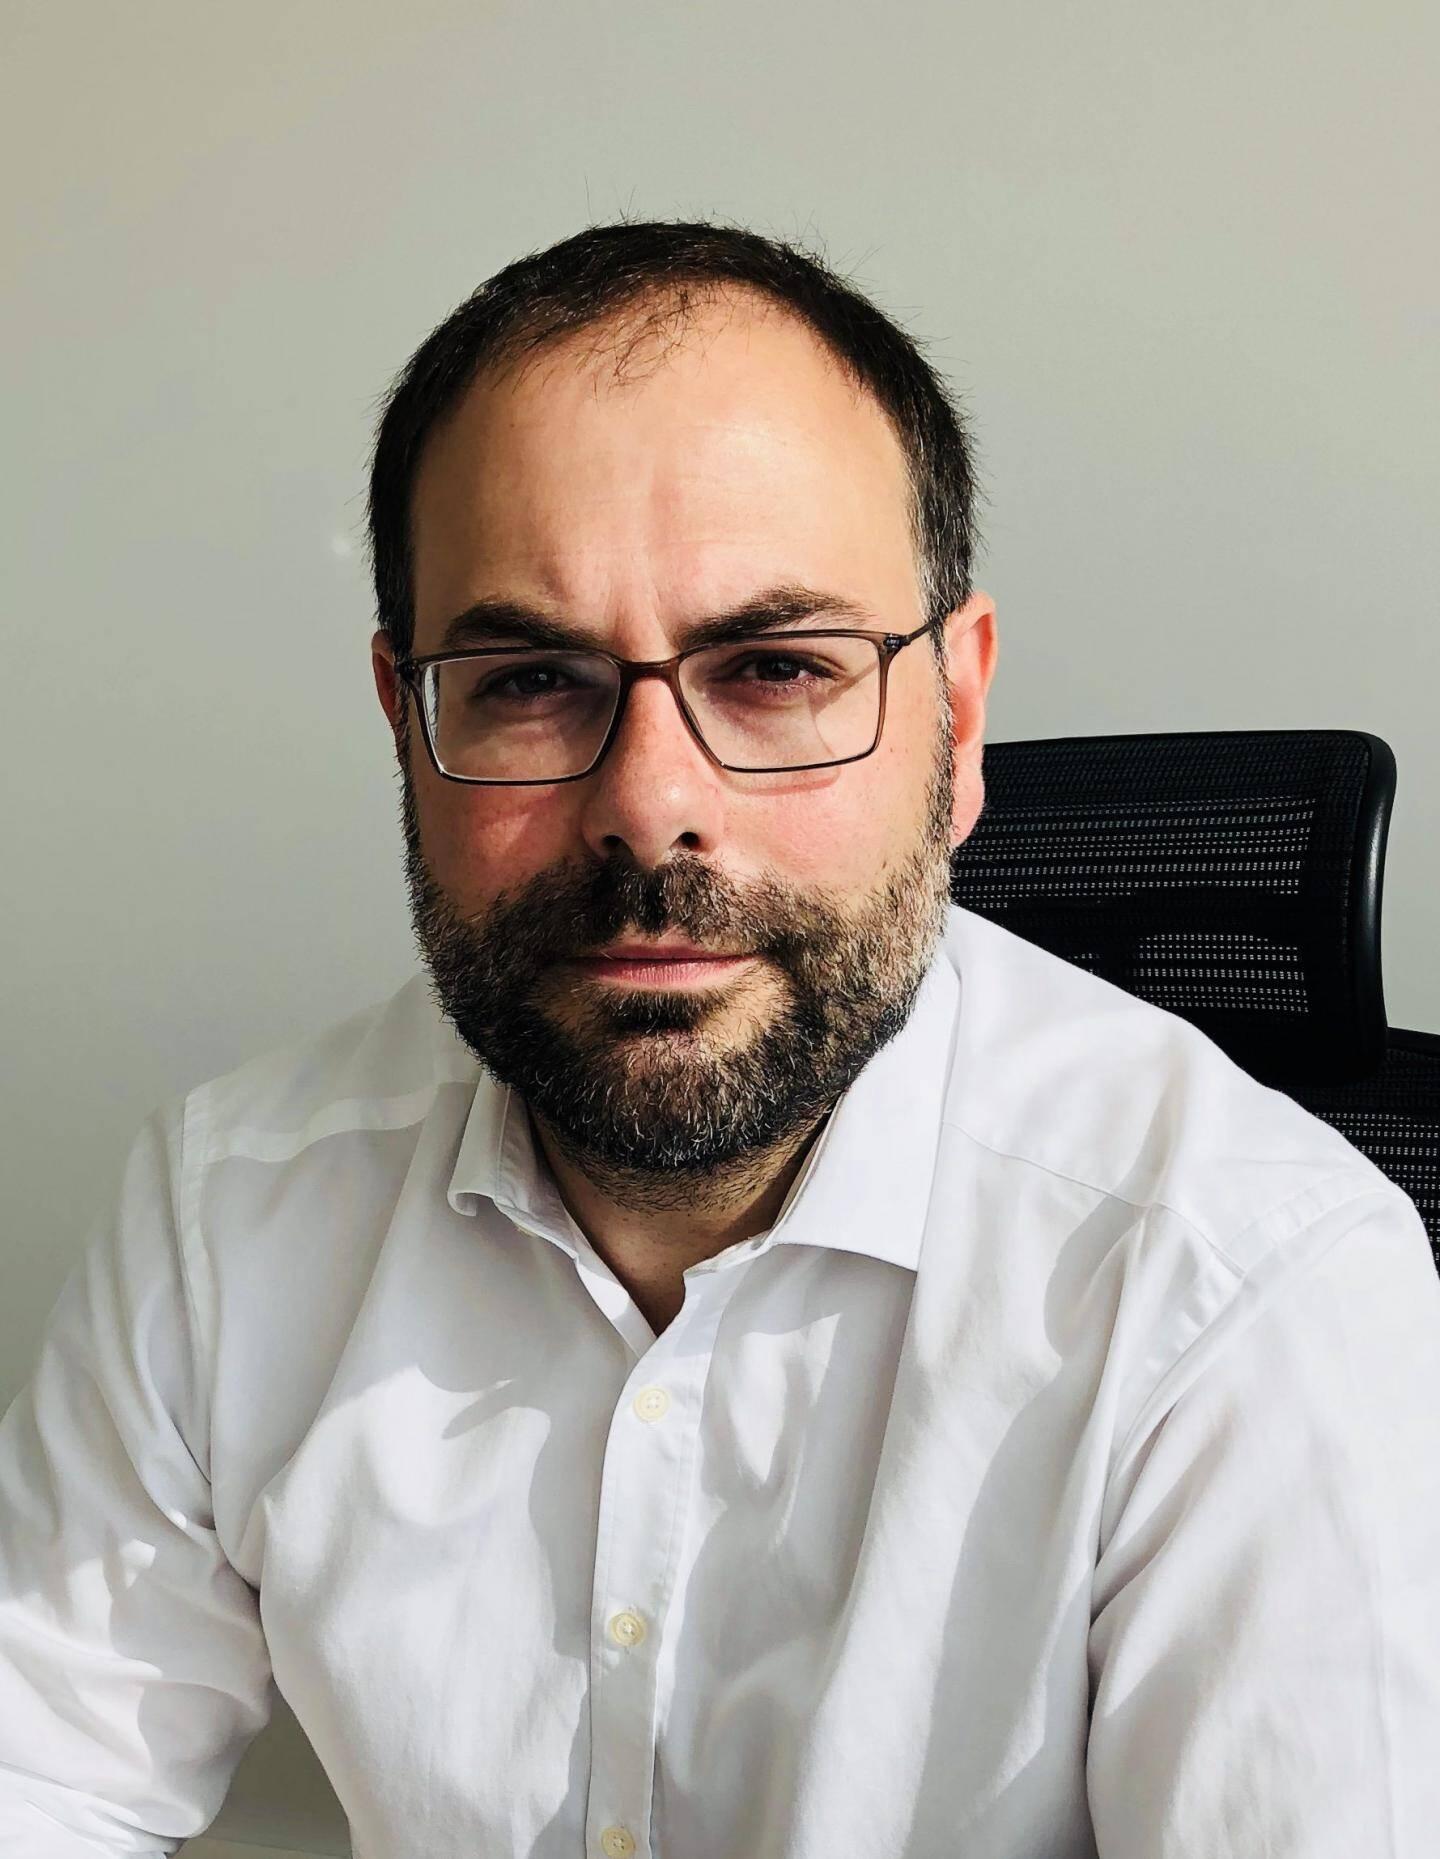 Dr Jérôme Barrière